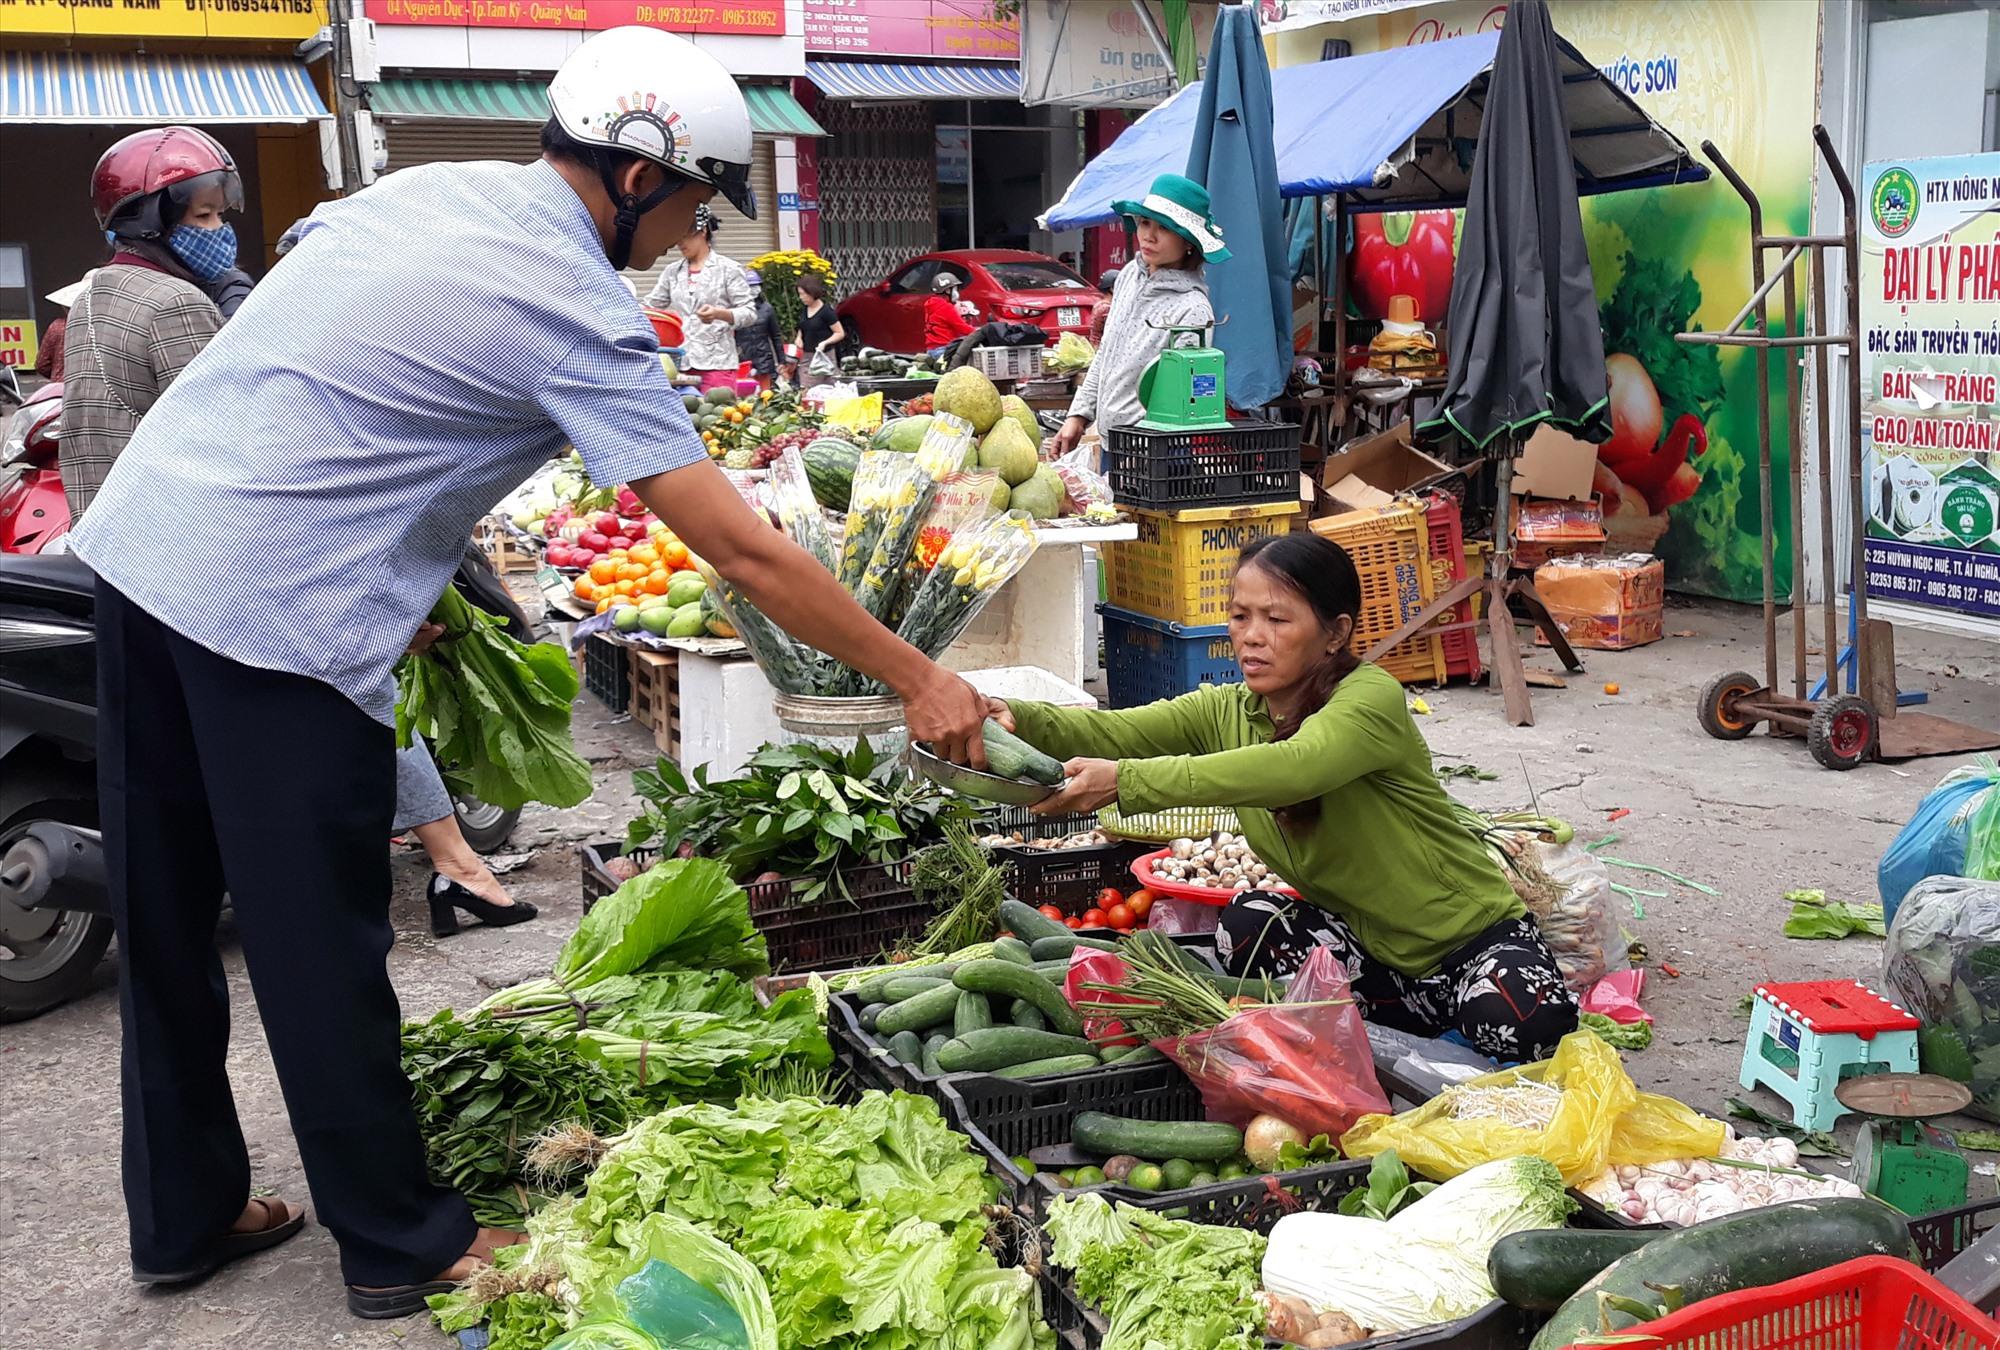 Sử dụng tiền mặt trong giao dịch ở chợ truyền thống còn khá phổ biến. Ảnh: C.N